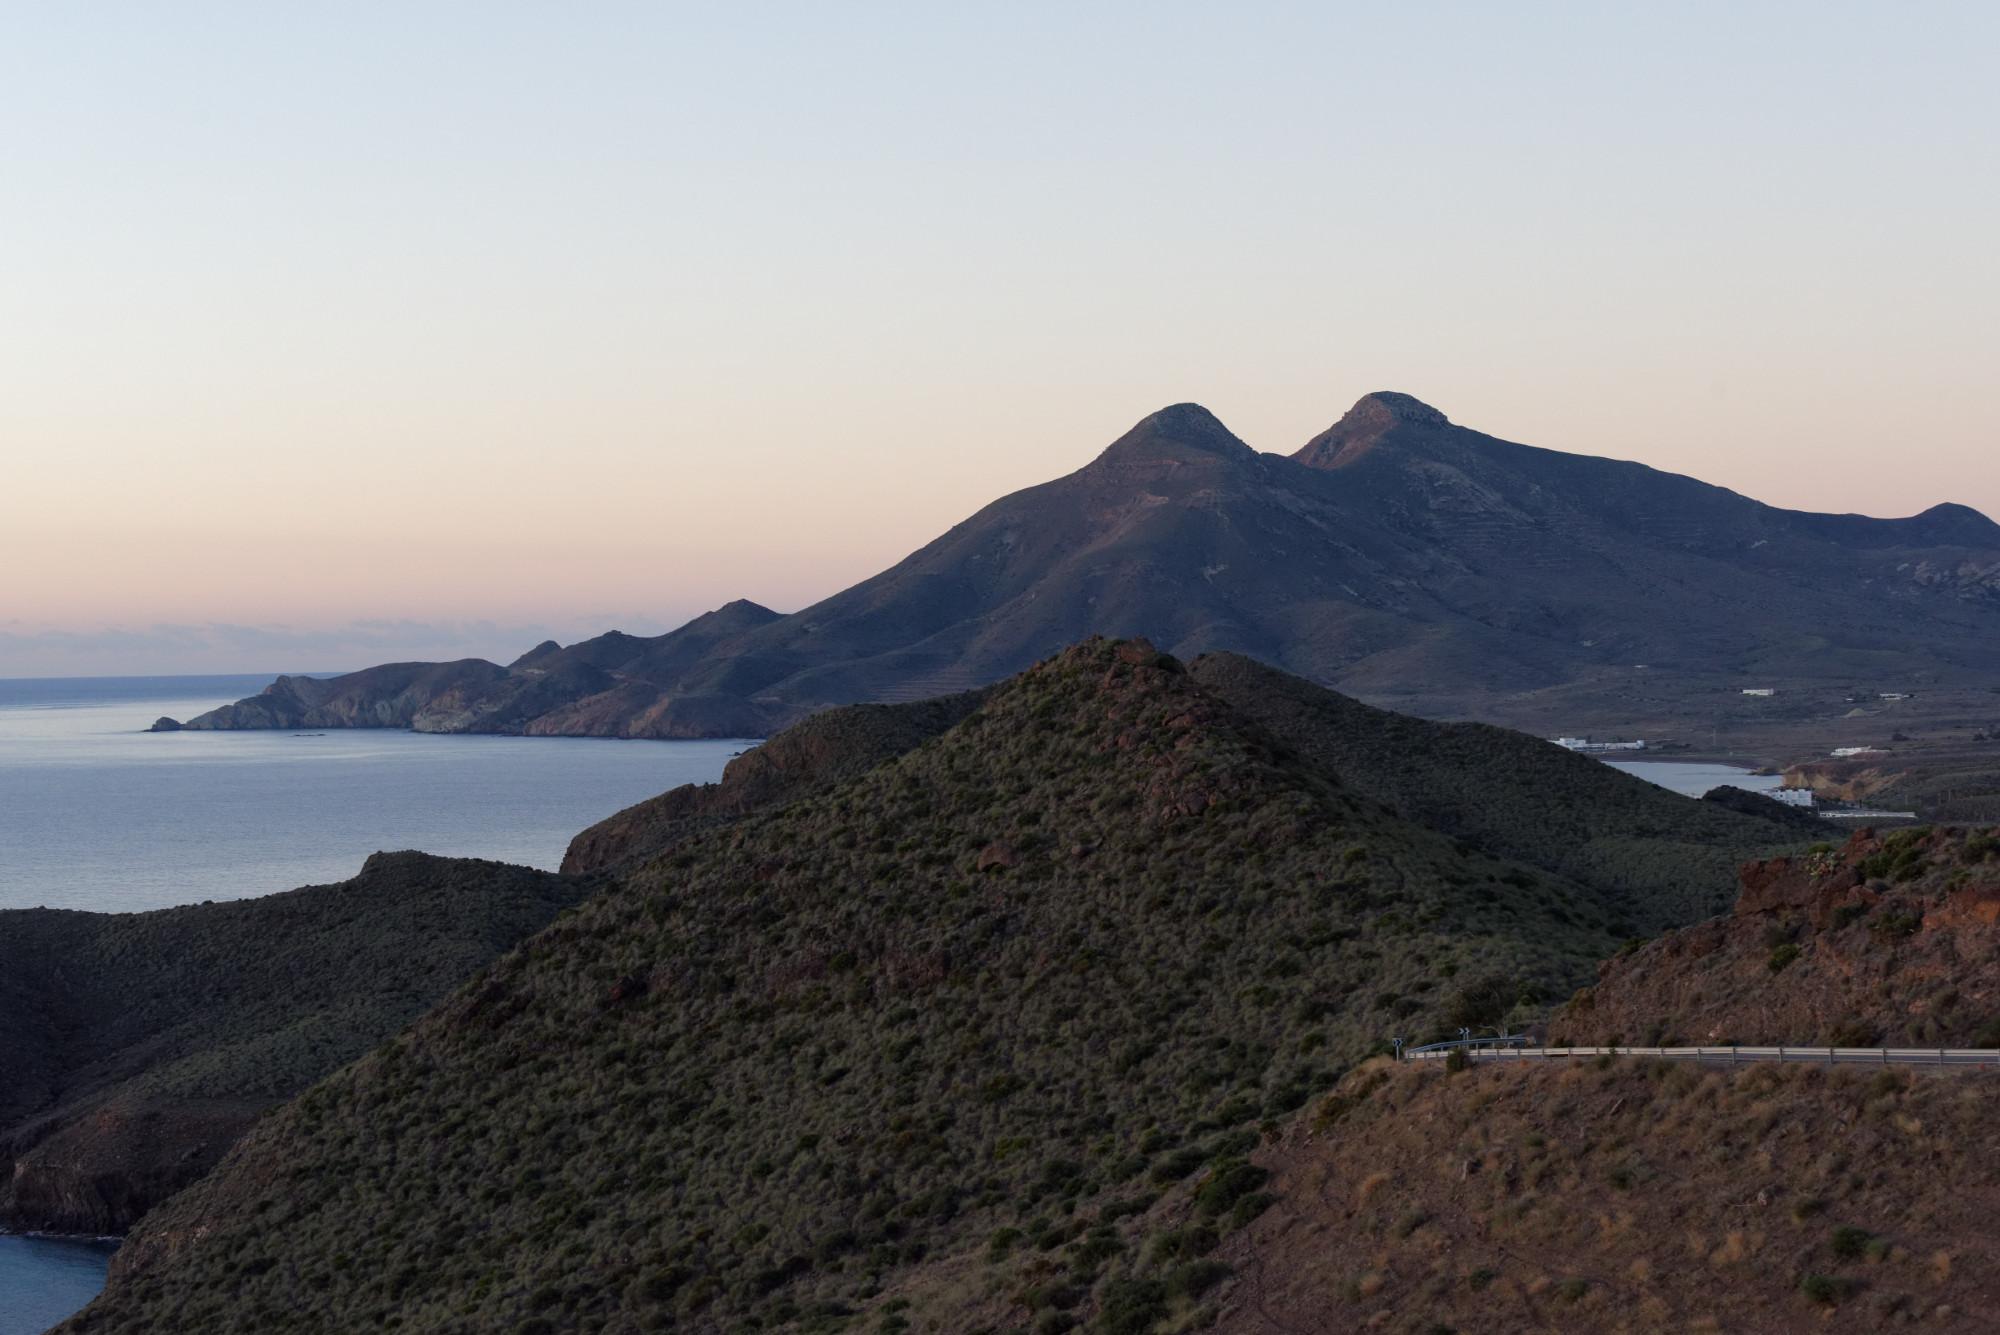 171213-La Isleta del Moro (11) (Cabo de Gata-Andalousie)